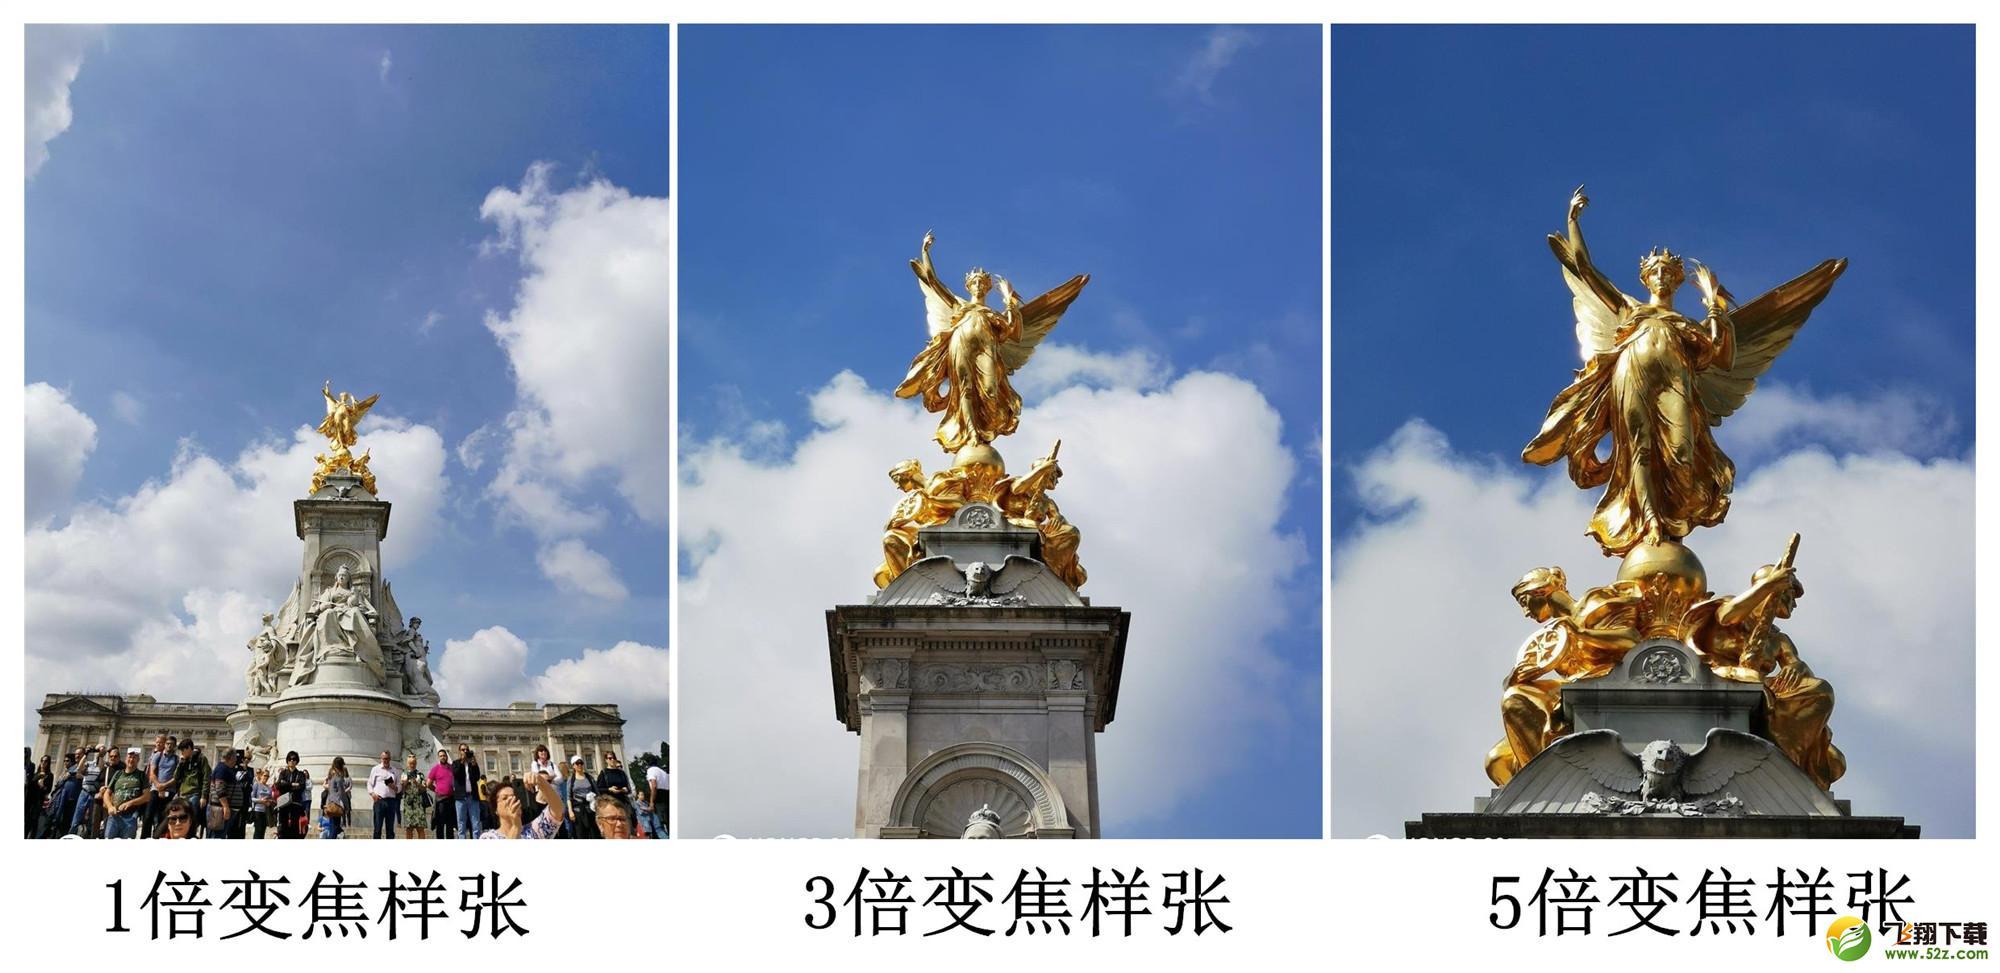 华为nova5pro与荣耀20pro拍照对比实用评测_52z.com